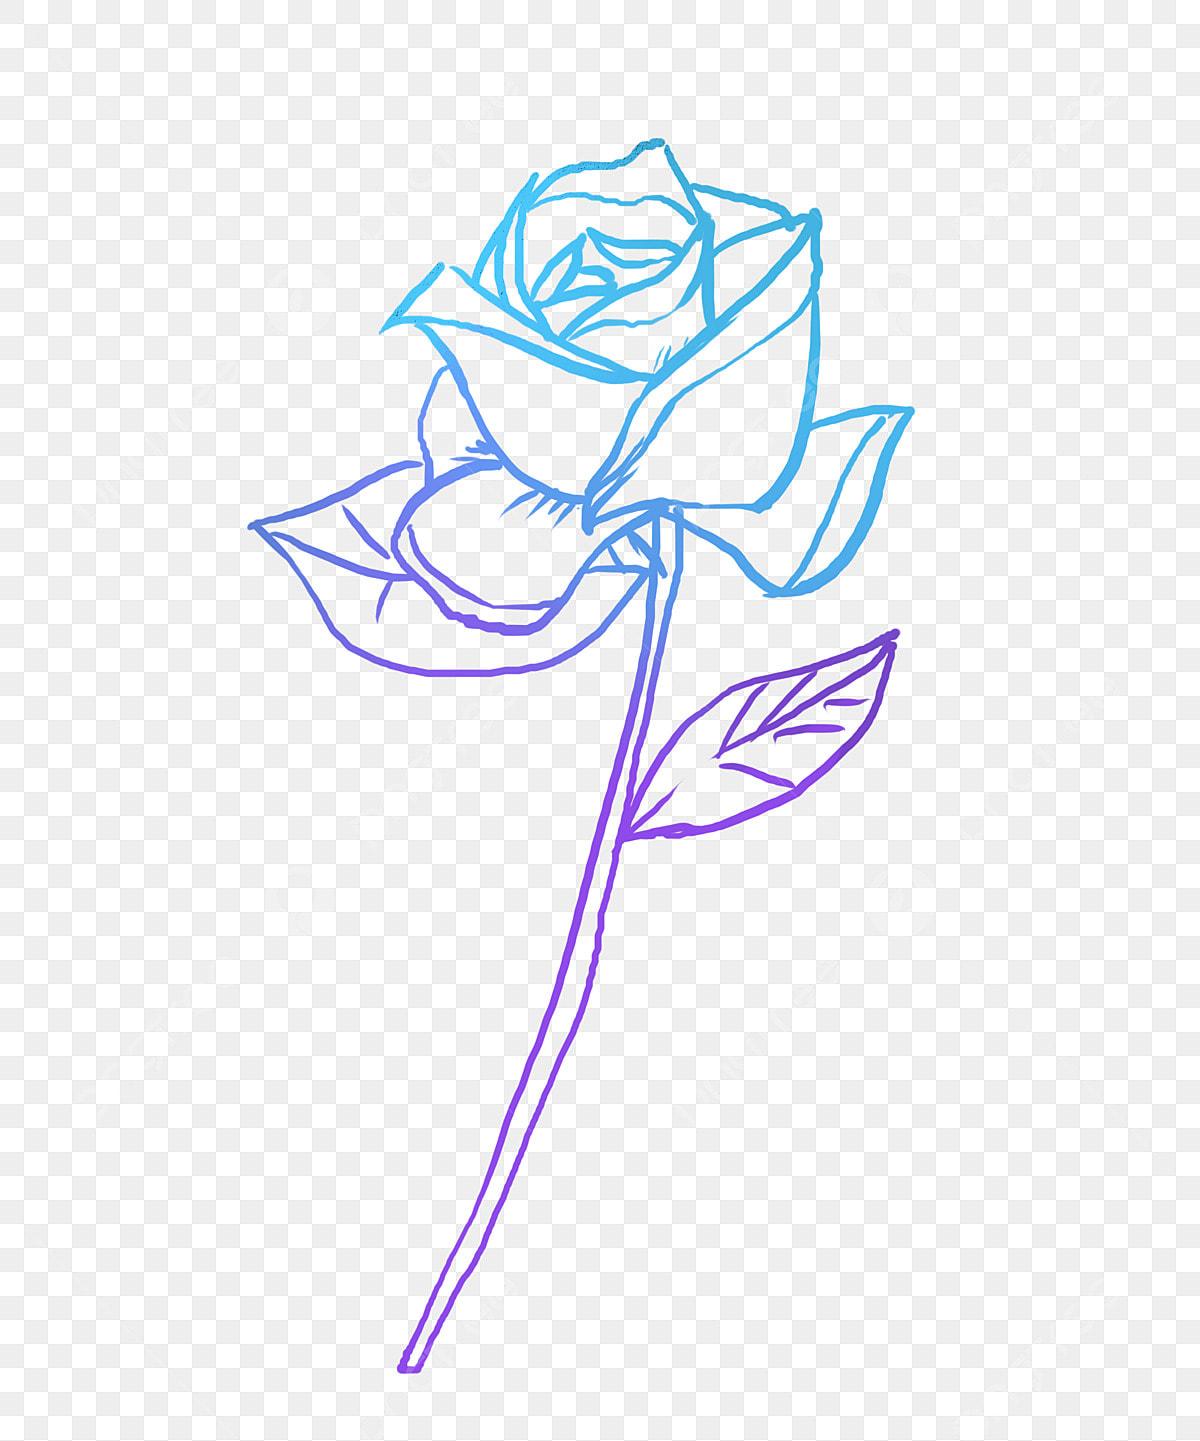 Rose Fleur Fleur Dessin Rose Au Fleur Fichier Png Et Psd Pour